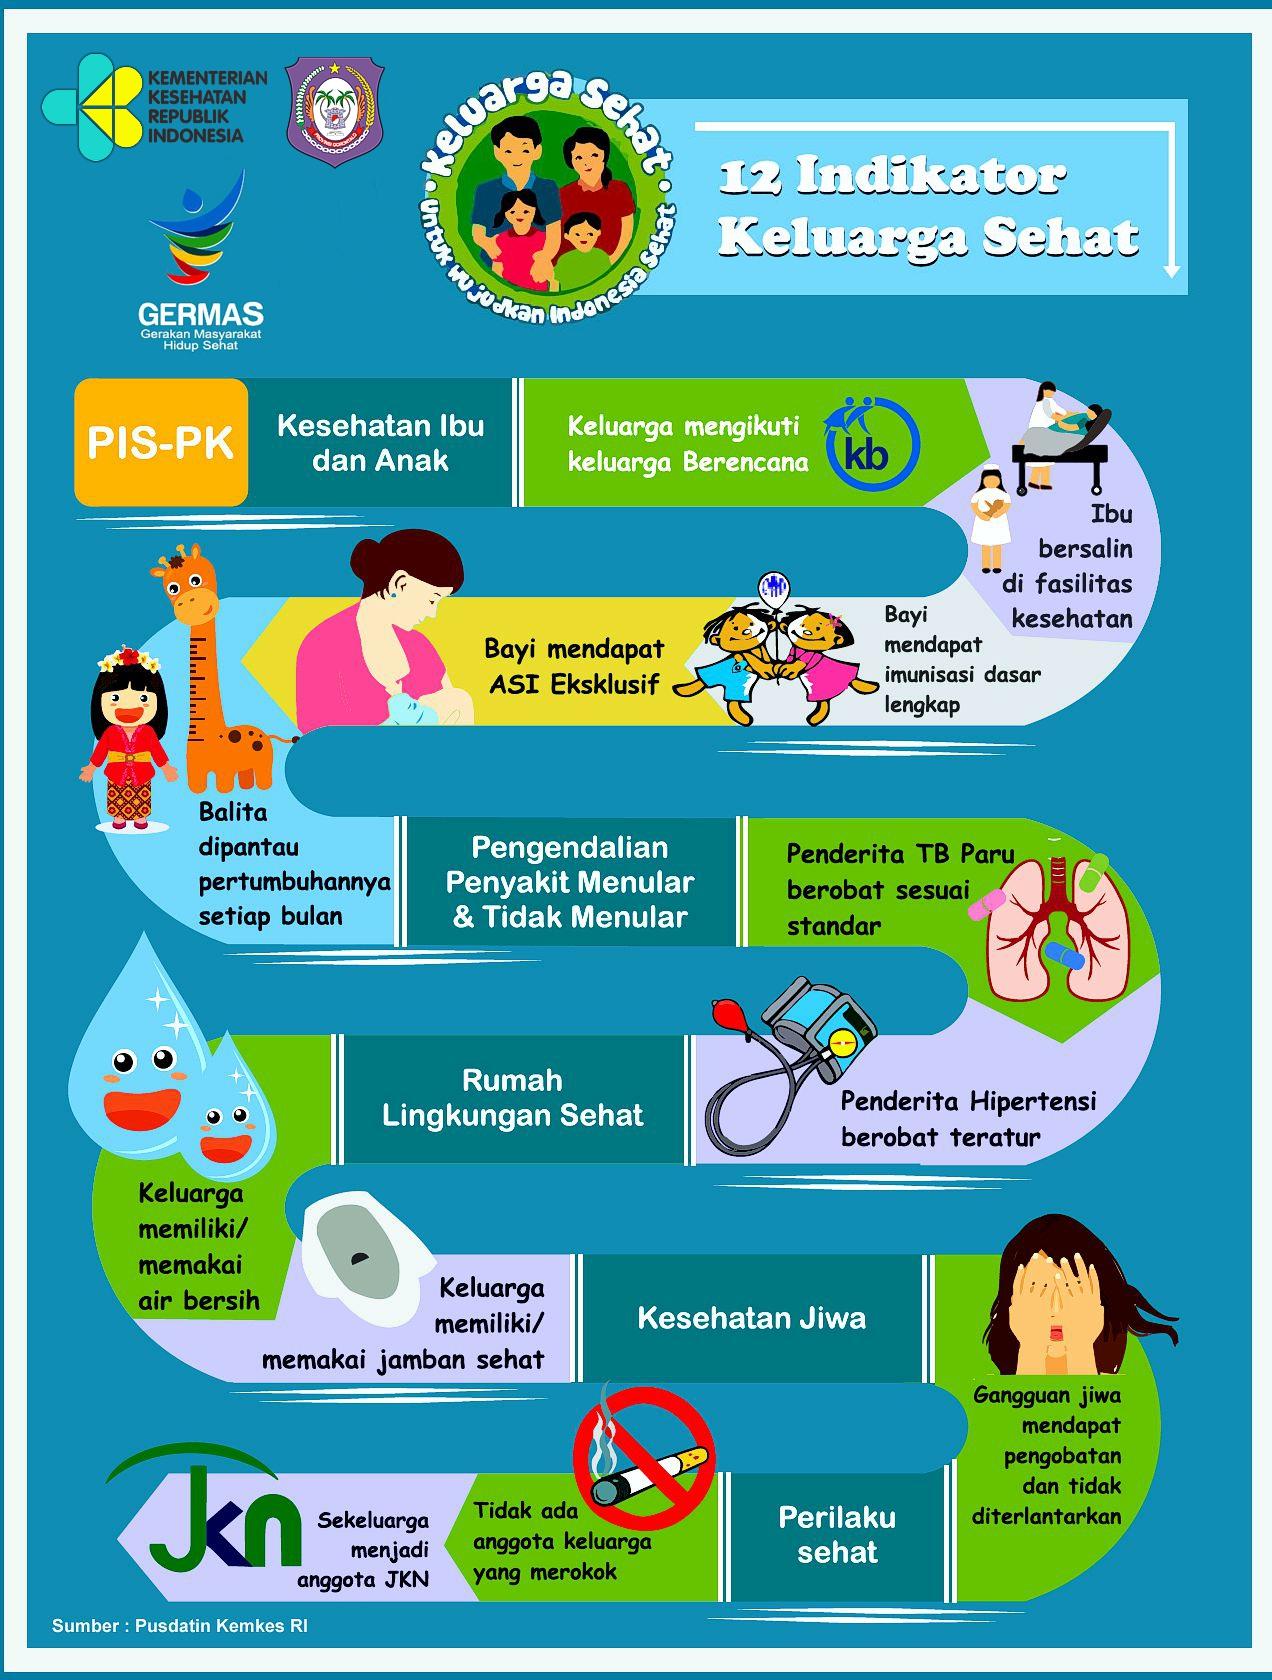 Dm1 Dinas Kesehatan Provinsi Gorontalo Iklan Layanan Kesehatan